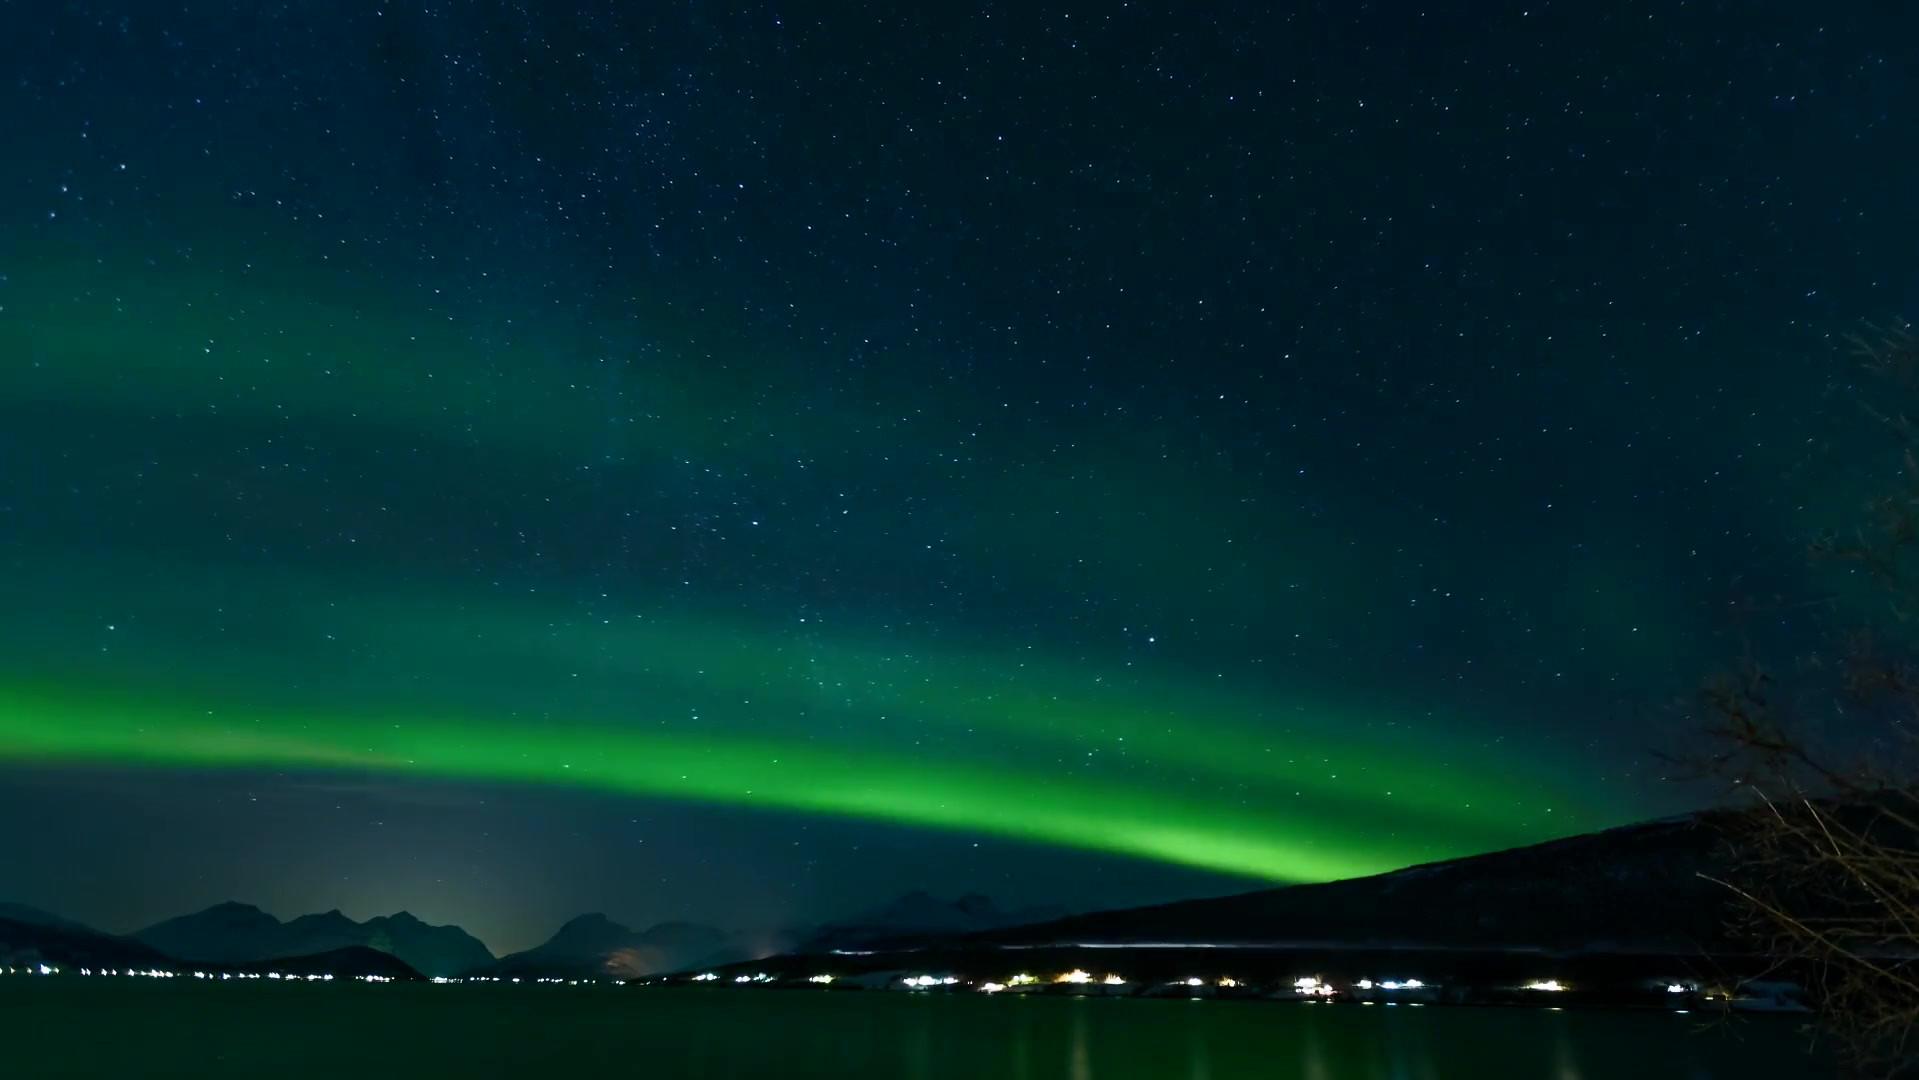 Time Lapse Video Of Aurora Borealis.mp4